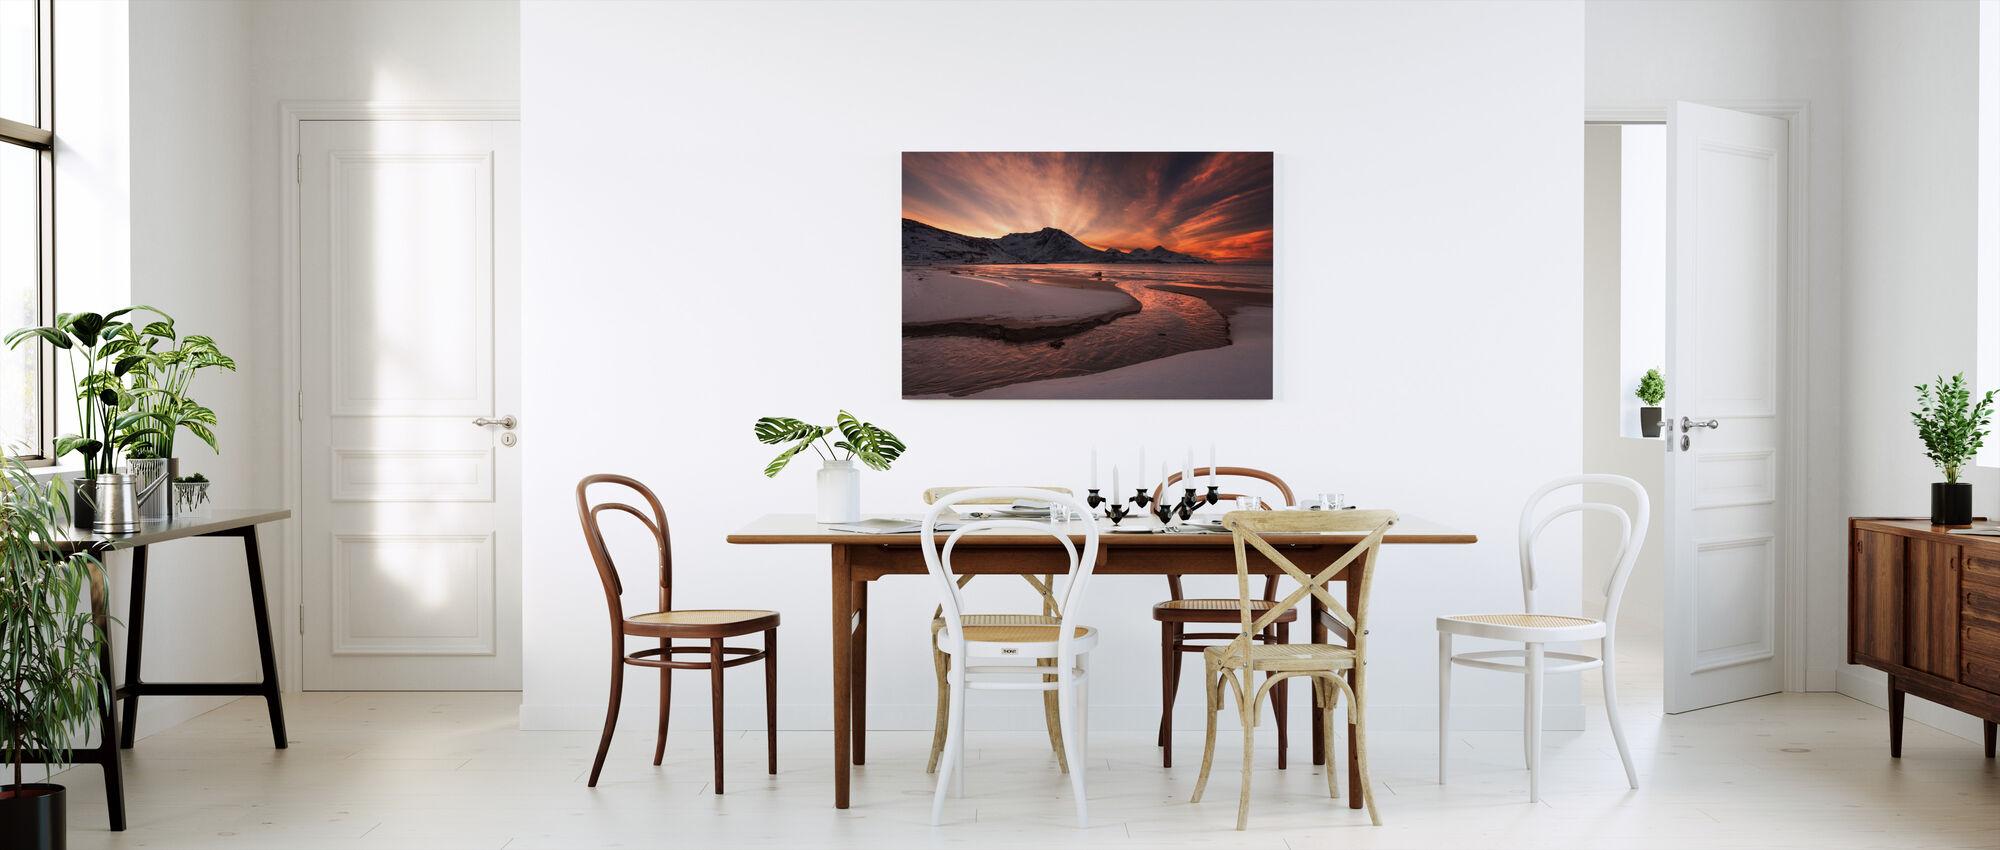 Golden Sunset in Norway - Canvas print - Kitchen